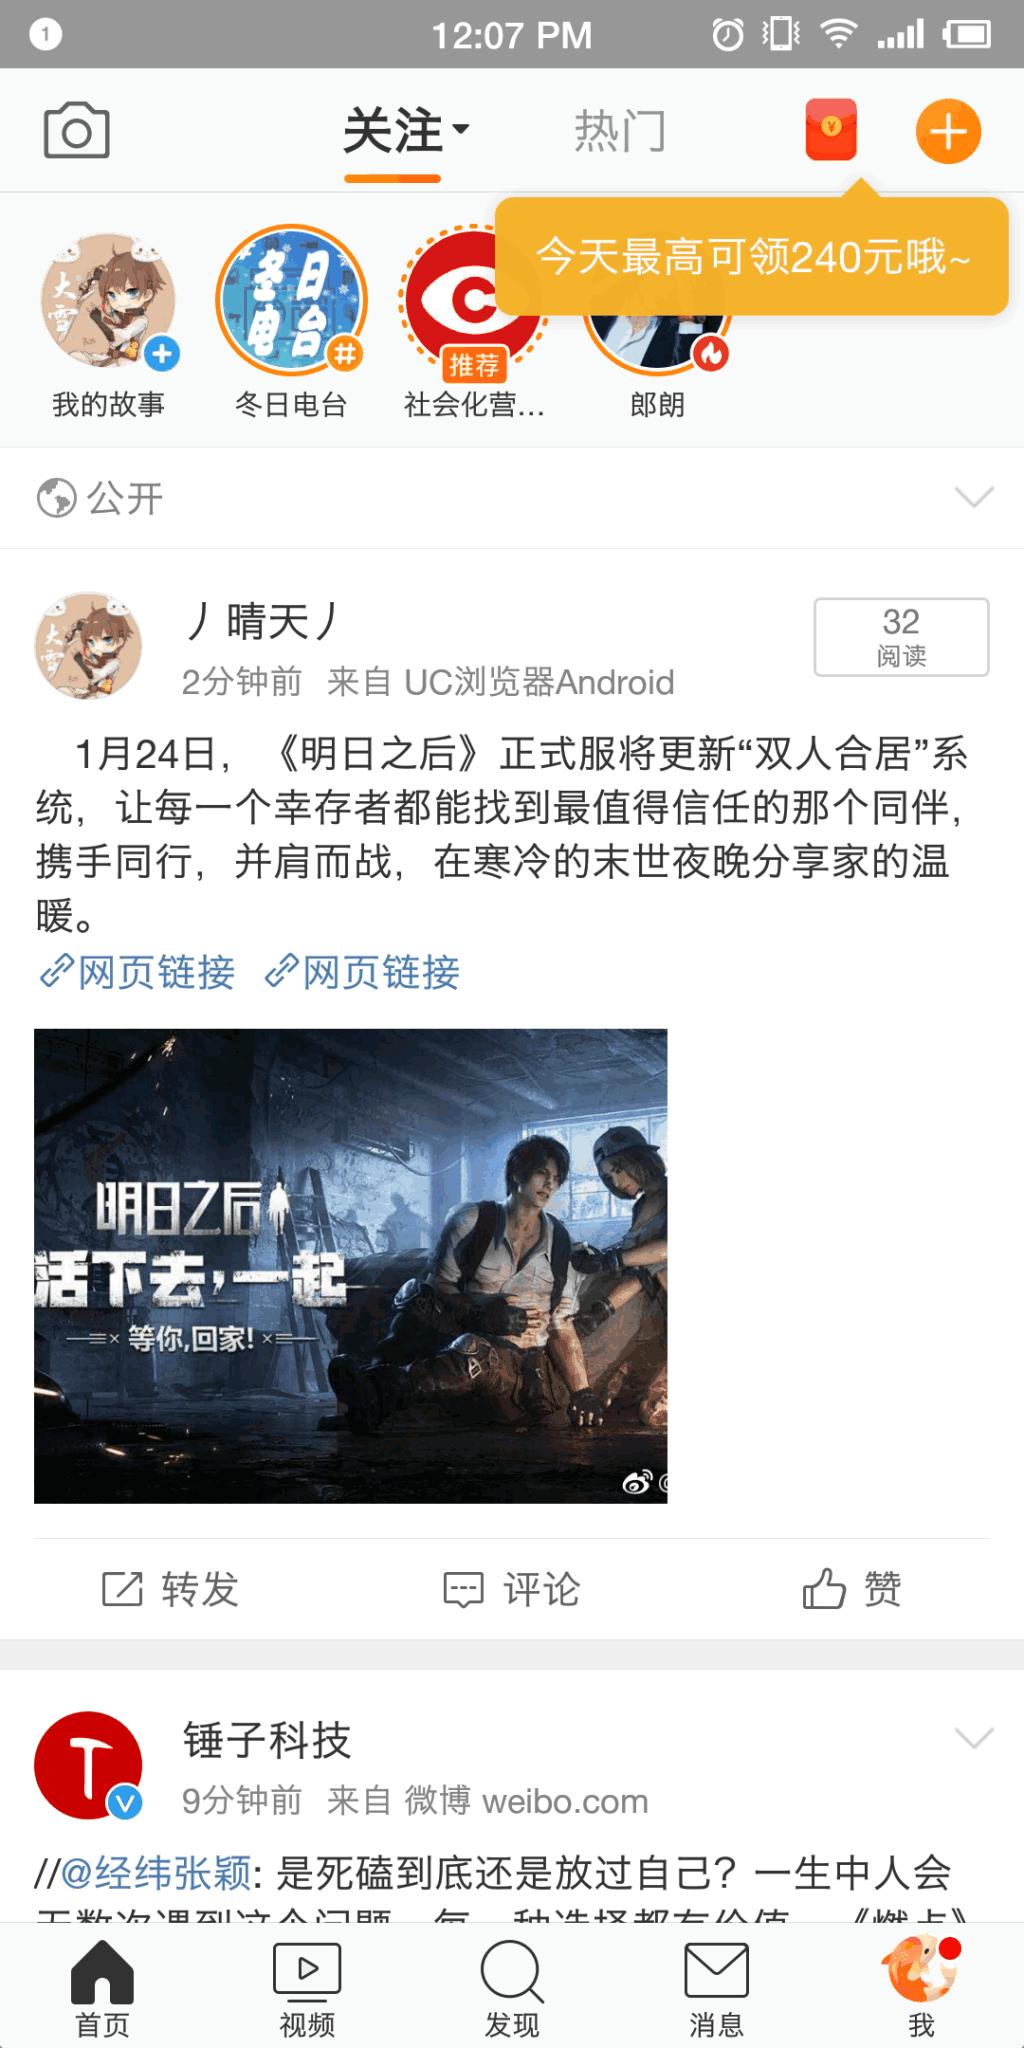 Screenshot_2019s01s18s12s07s53s138_微博.png